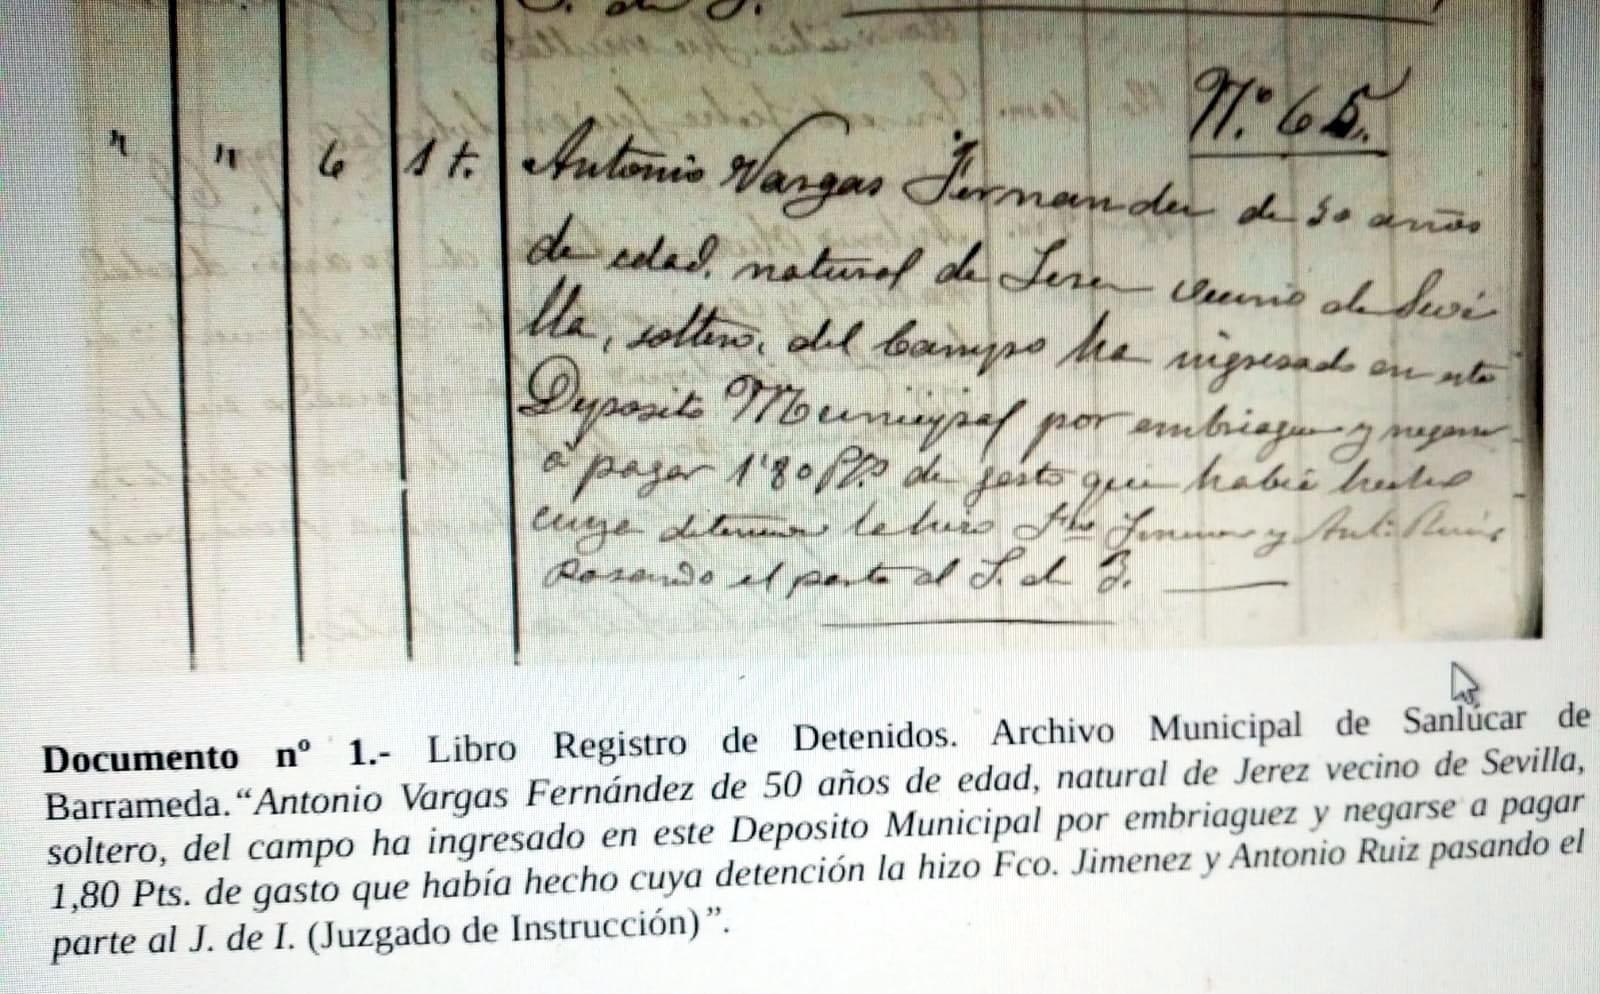 Detención Frijones Sanlúcar